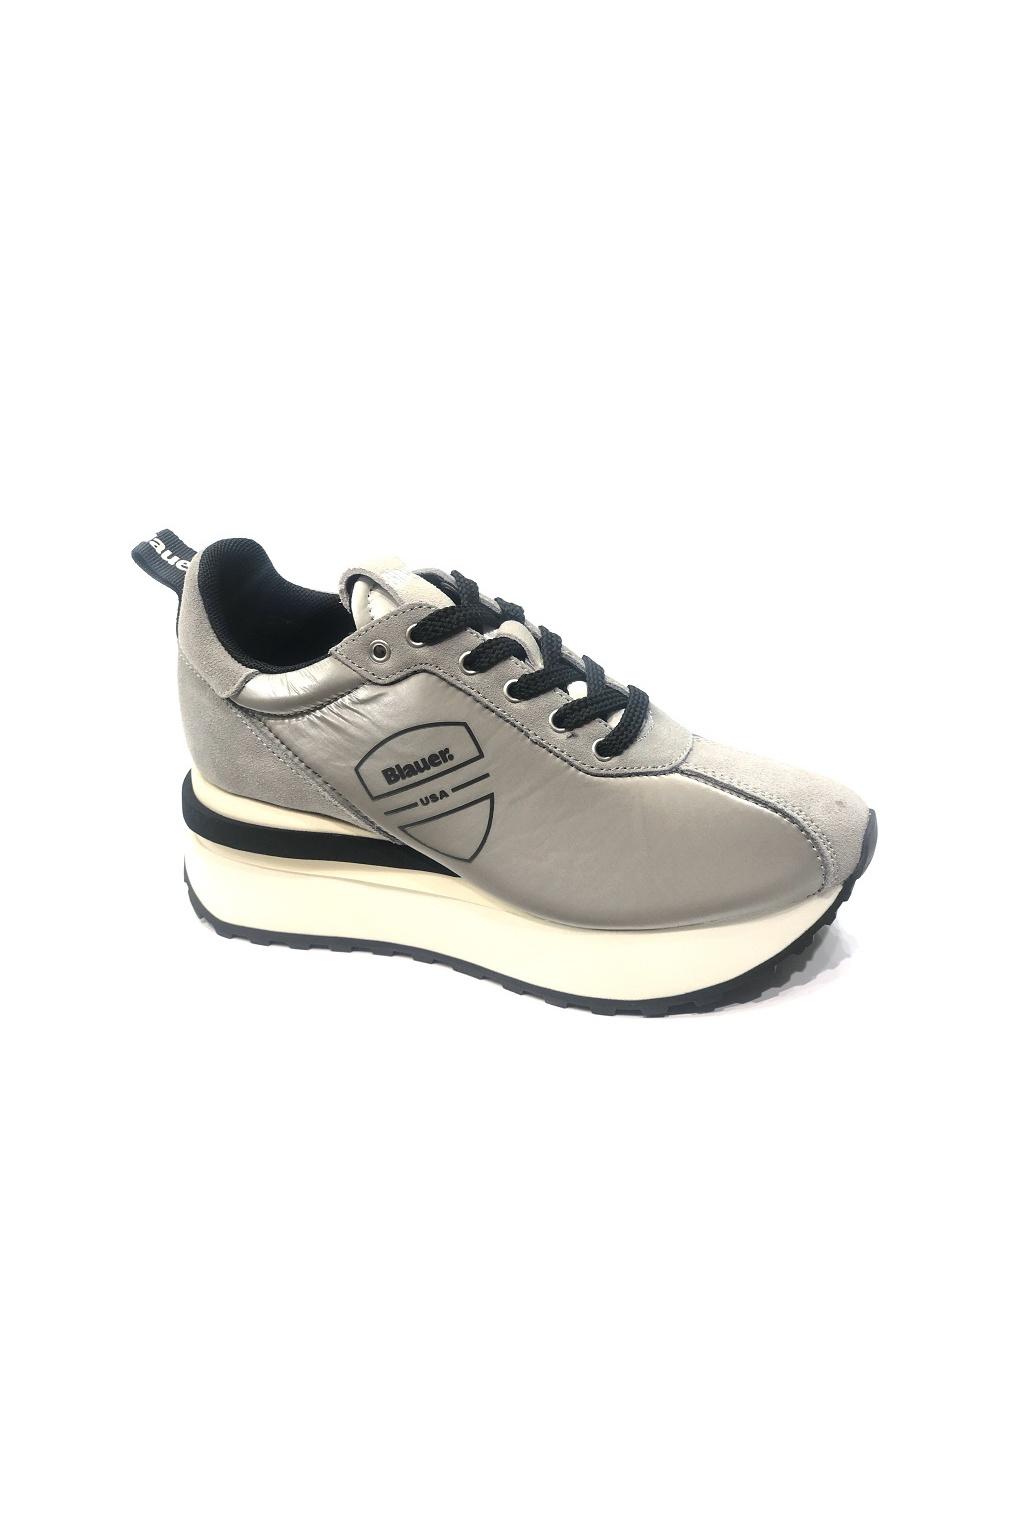 Dámské boty Blauer MABEL01 stříbrné